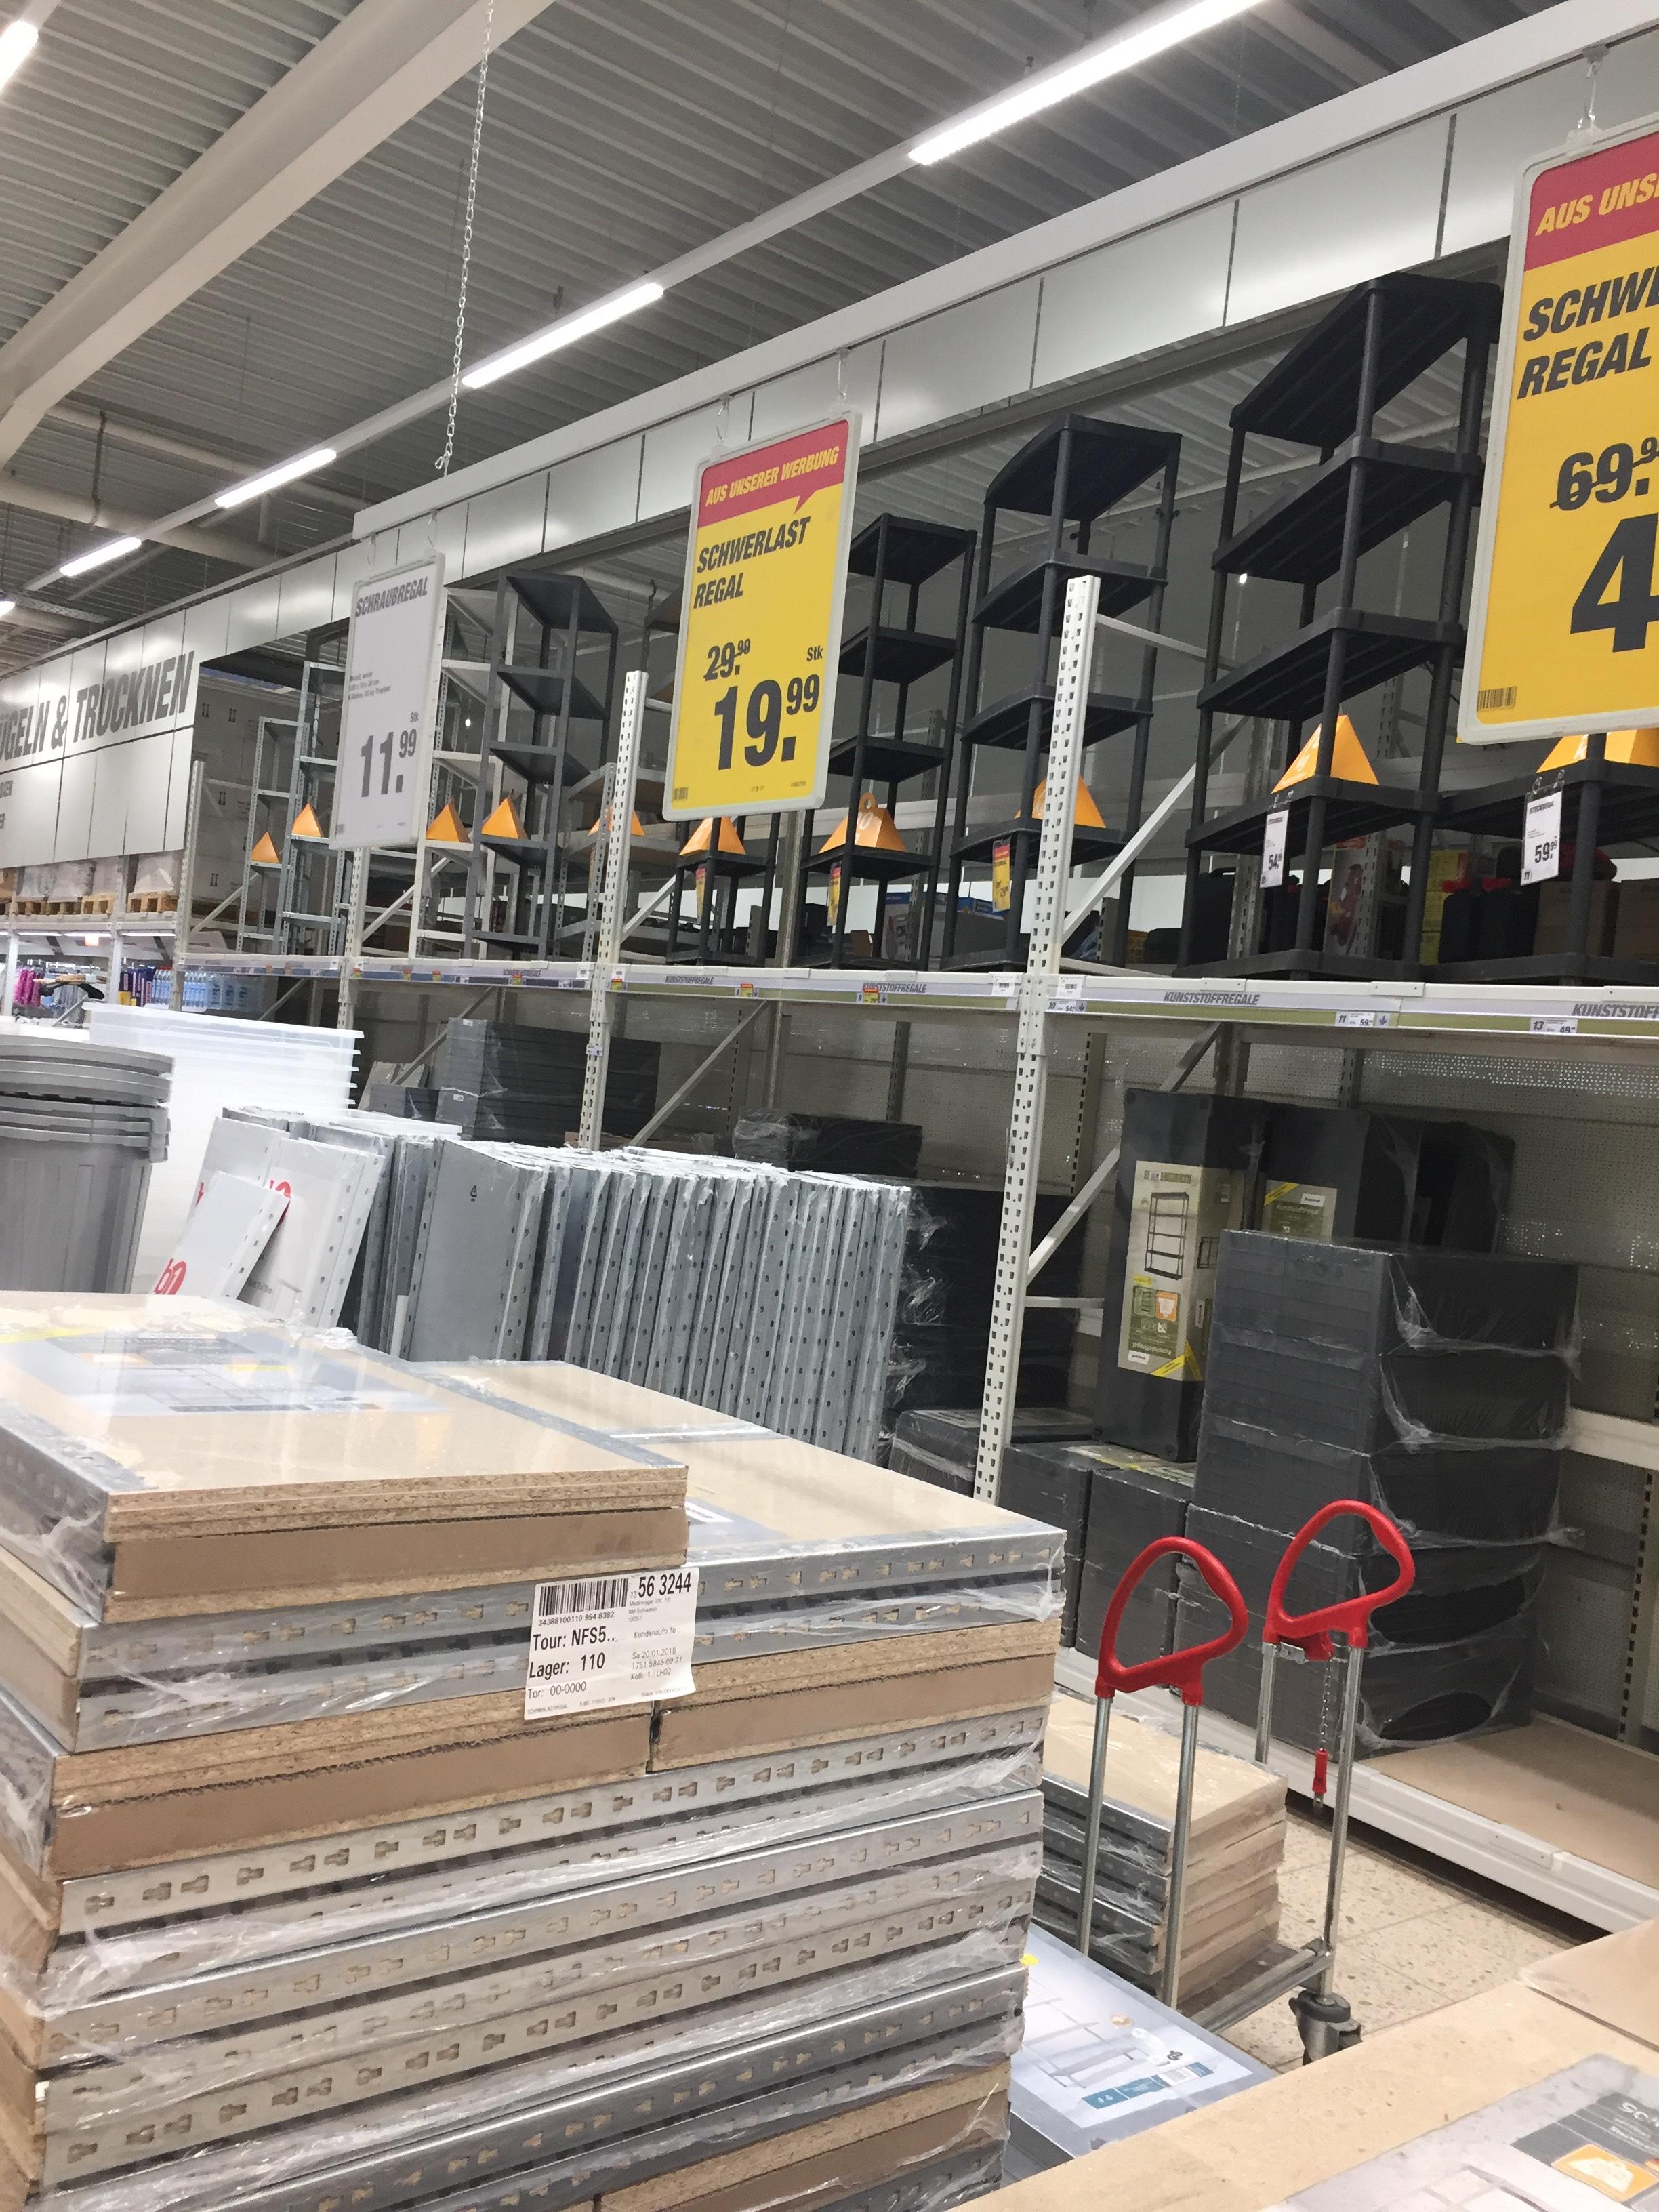 toom baumarkt angebote deals februar 2018. Black Bedroom Furniture Sets. Home Design Ideas